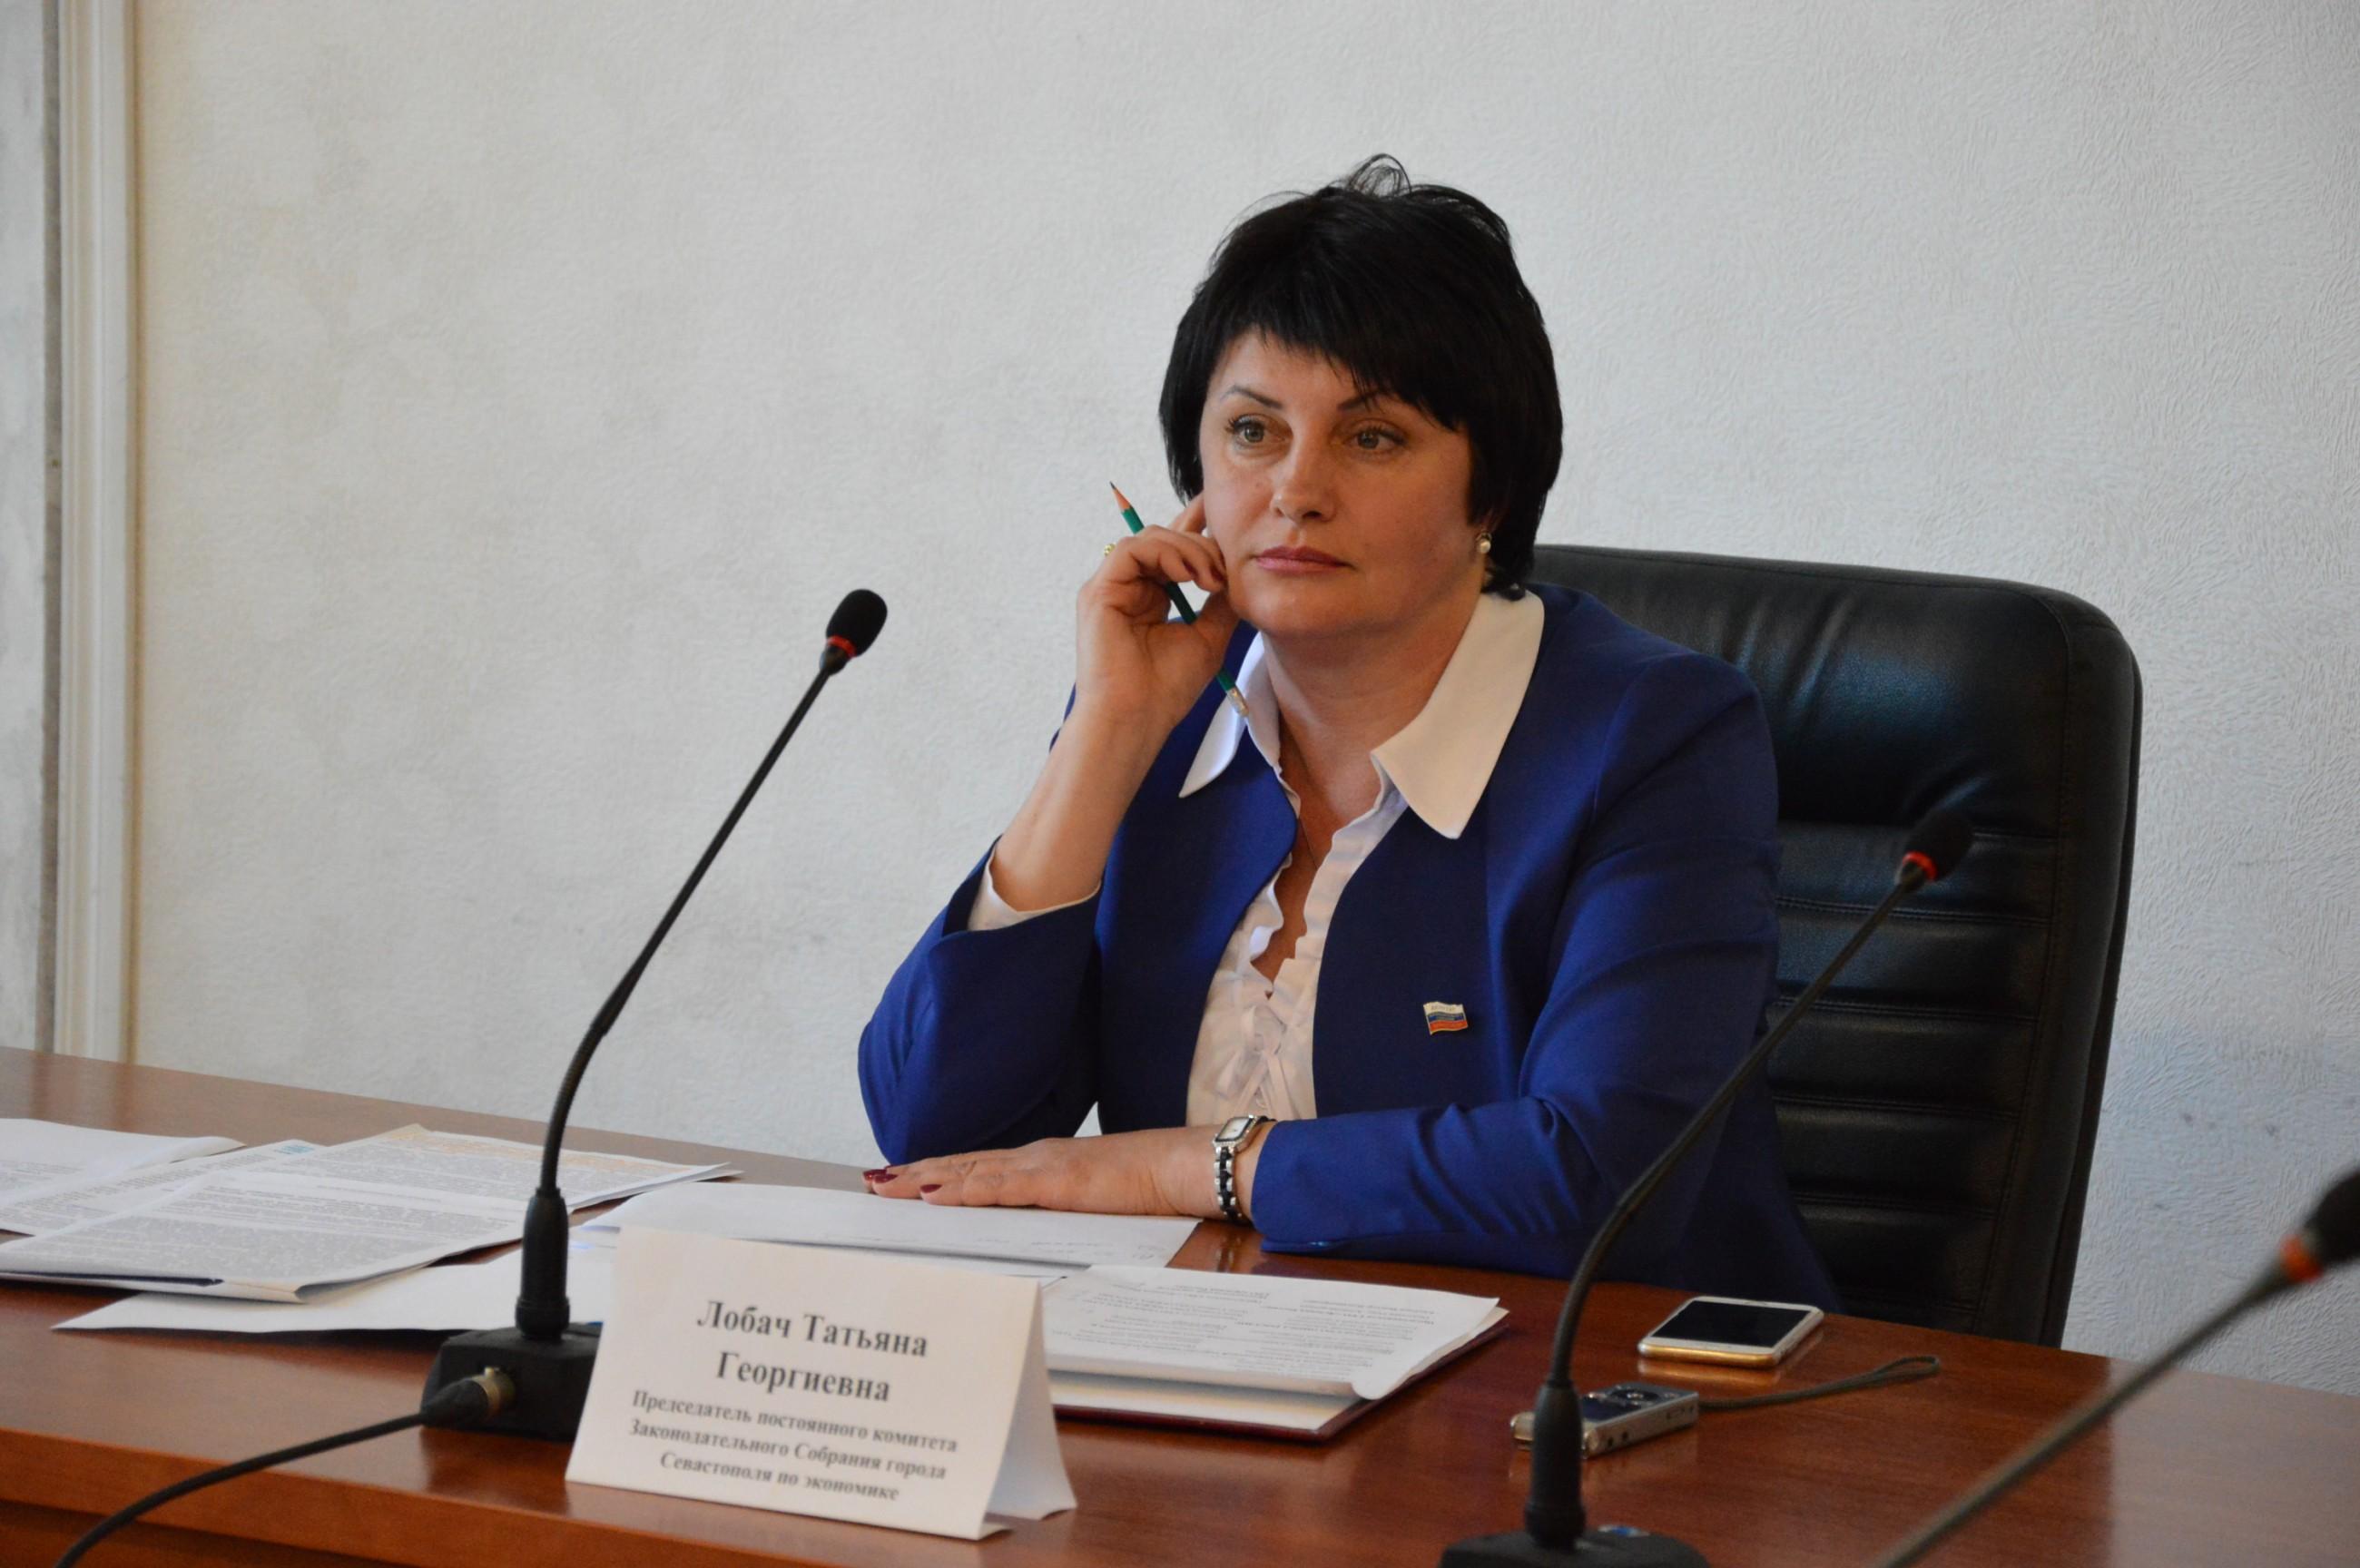 Жители Сахарной головки просят Татьяну Лобач организовать досуг для подростков и молодежи